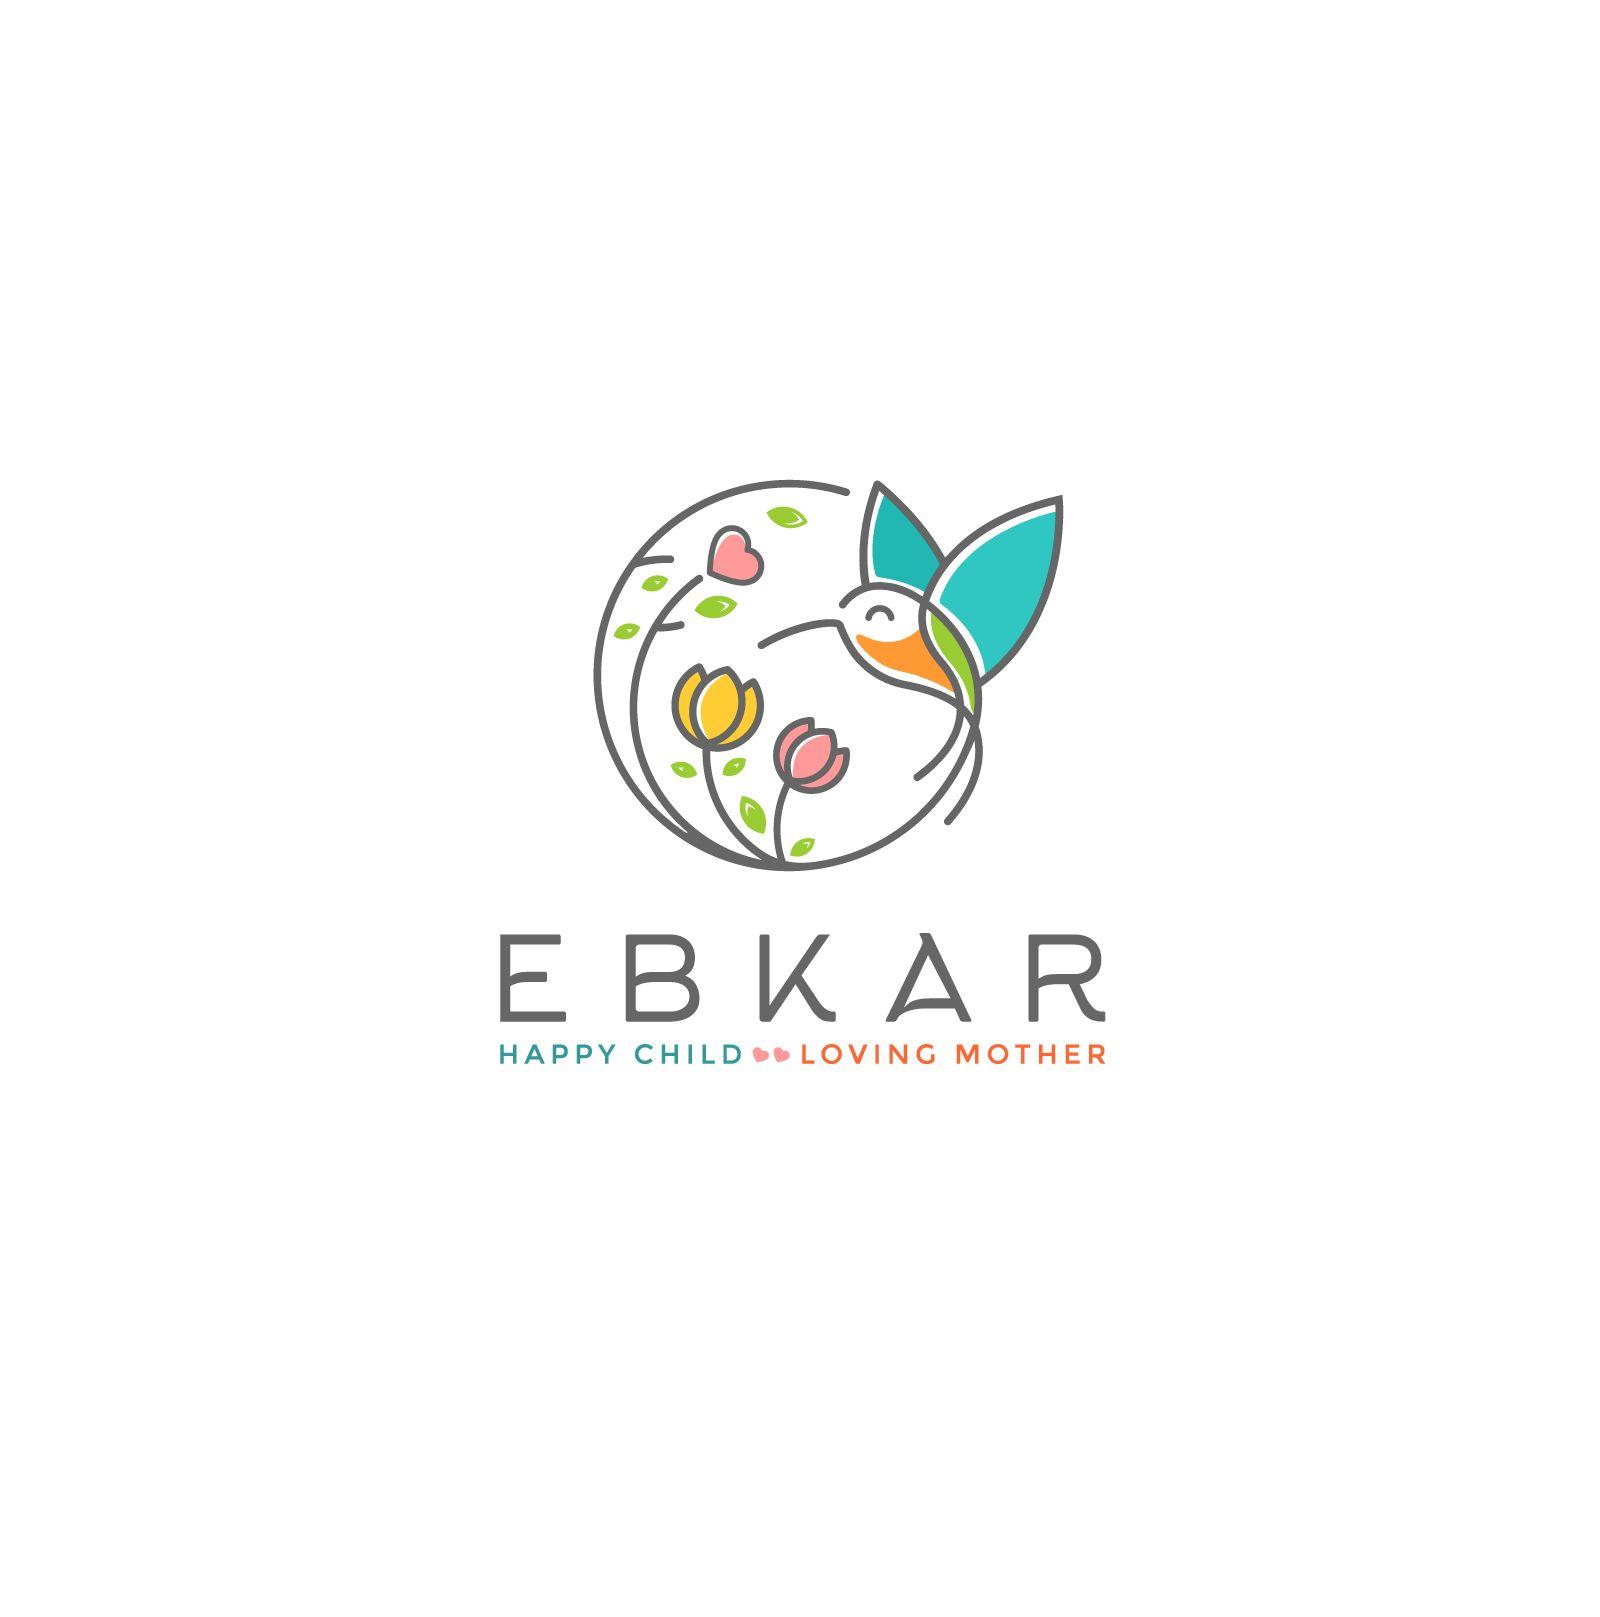 Designs | EBKAR Childcare Center Needs Creative And Modern Logo : ) | Logo  Design Contest